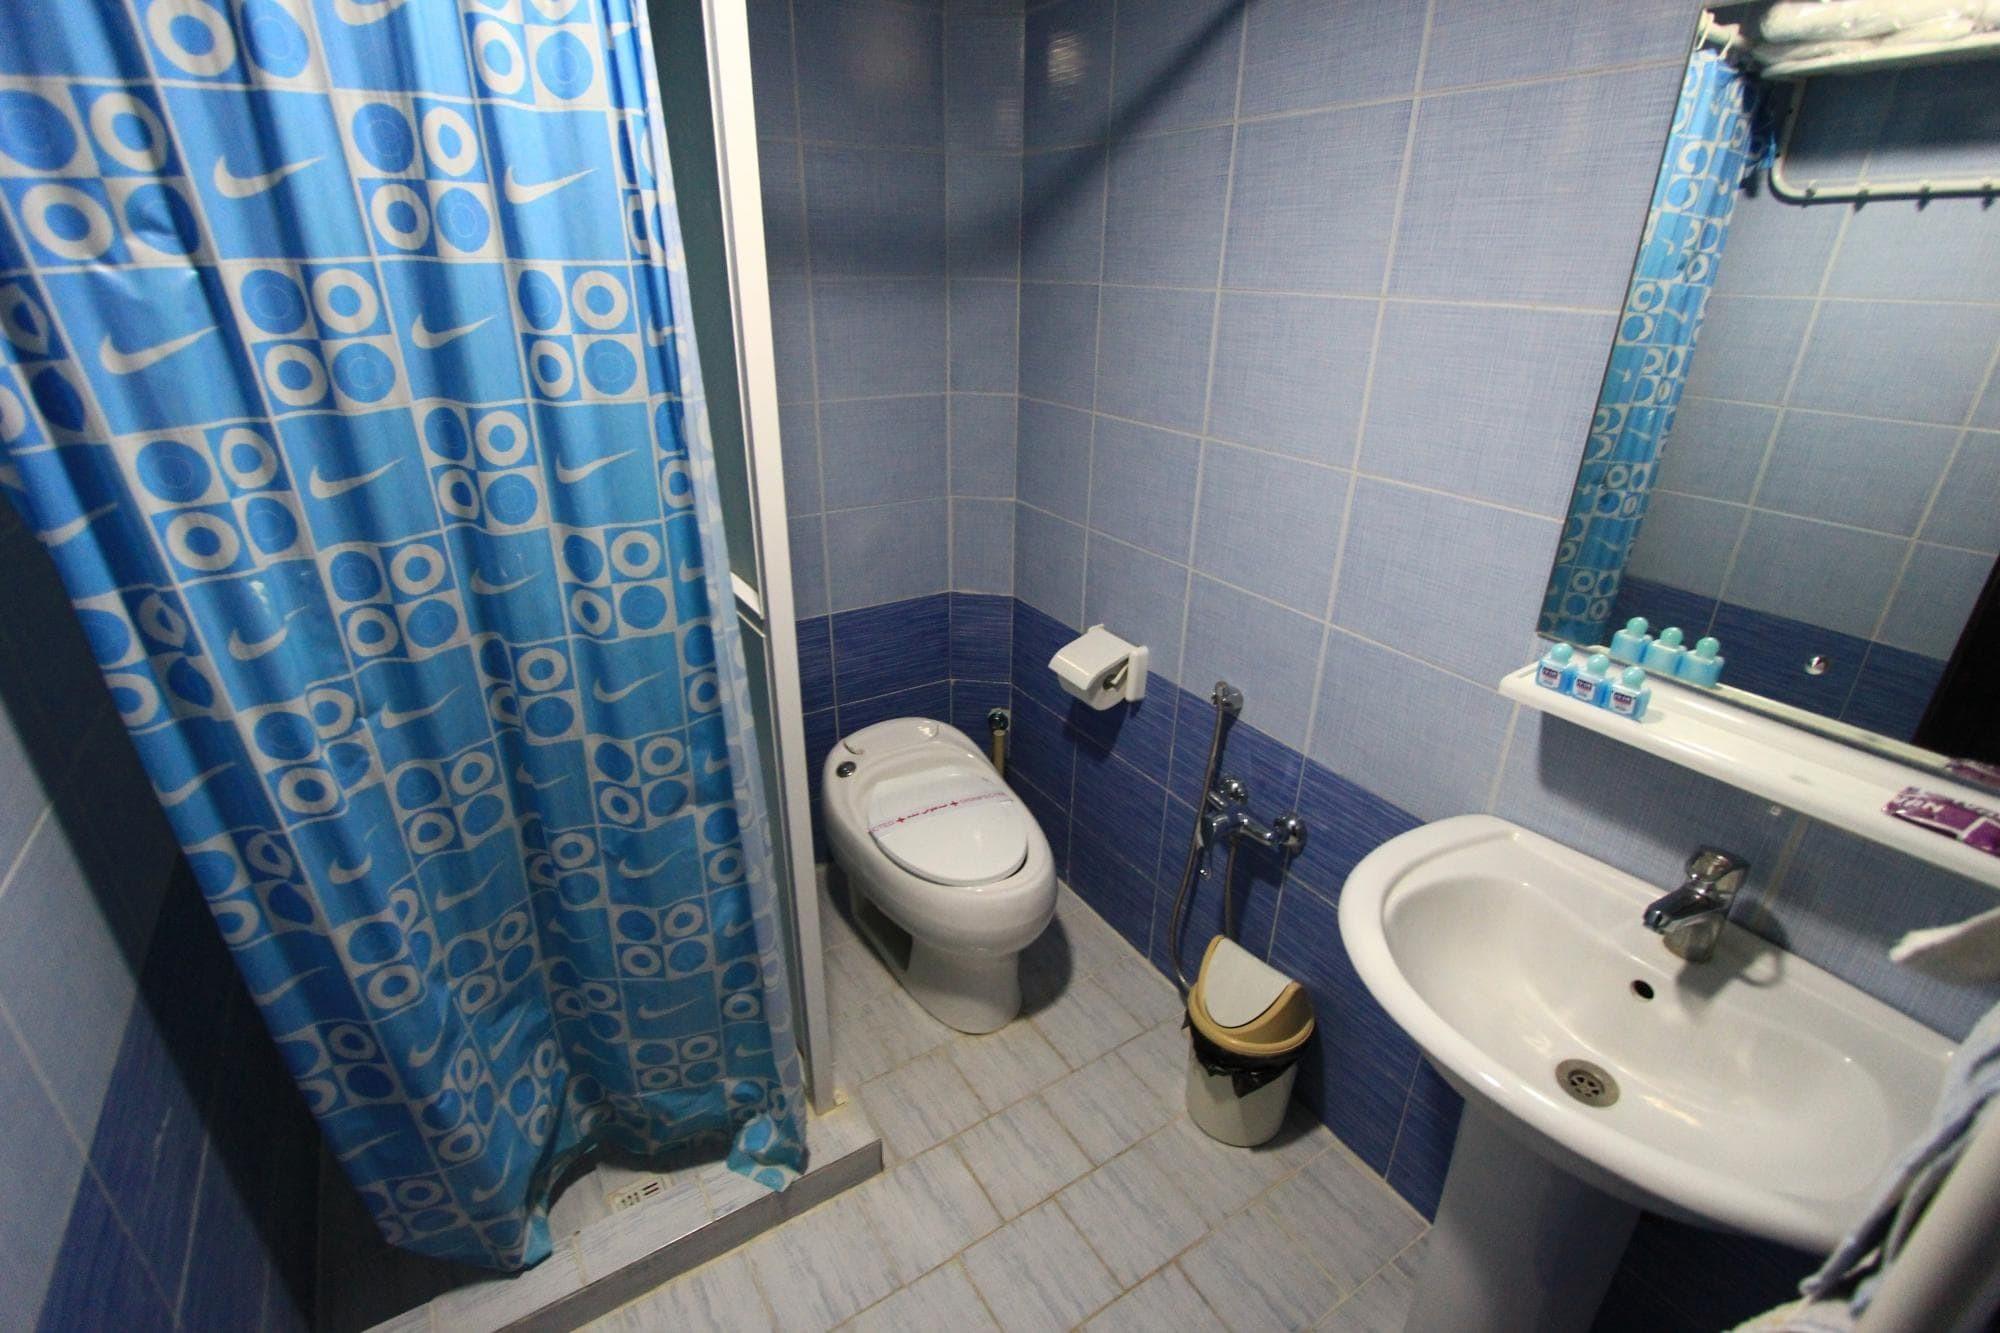 Saba Hotel-04-min.jpg